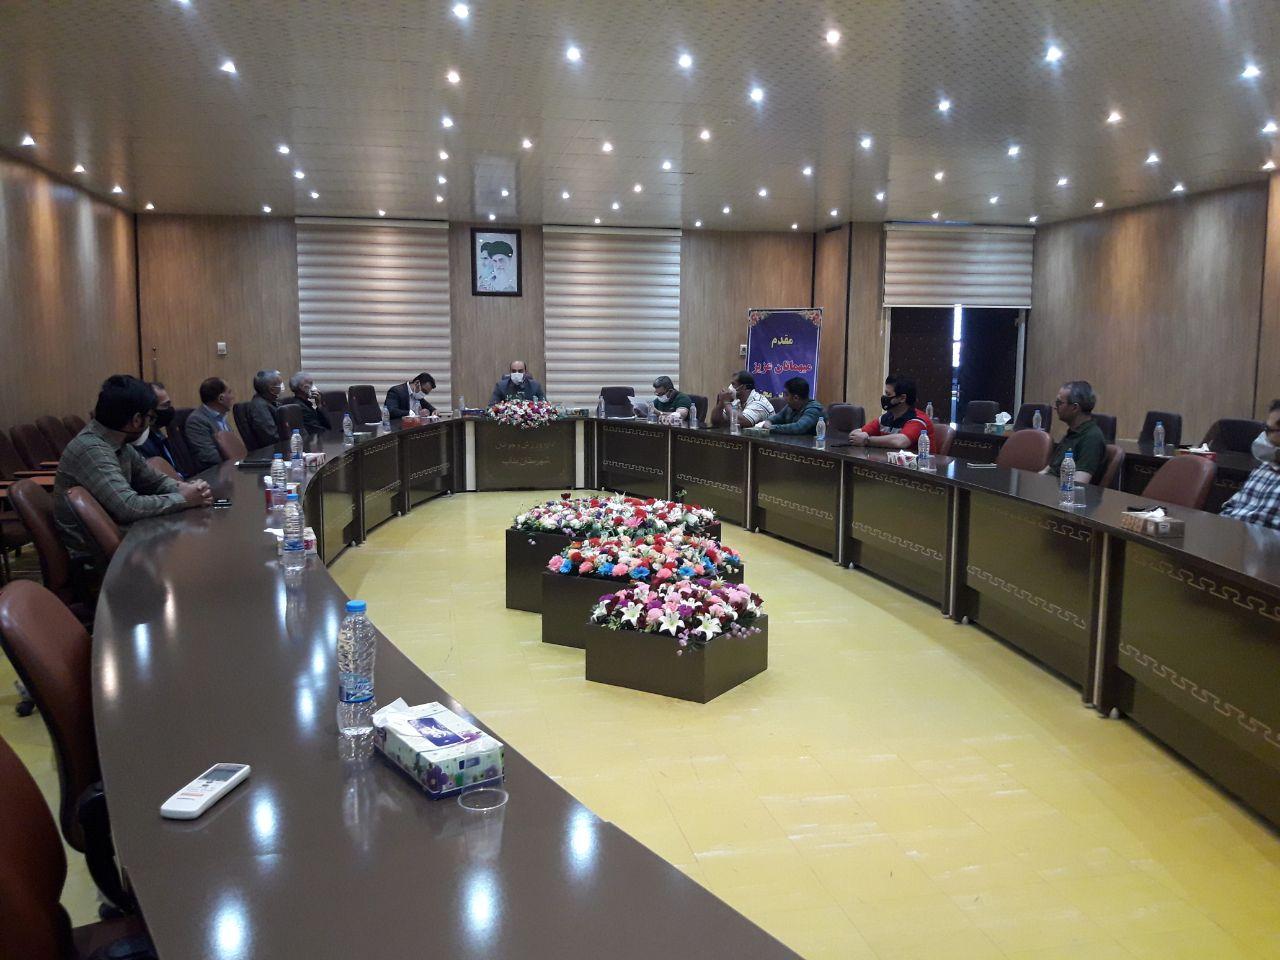 جلسه هماهنگی هئیت های مجاز به فعالیت در بناب برگزار شد .